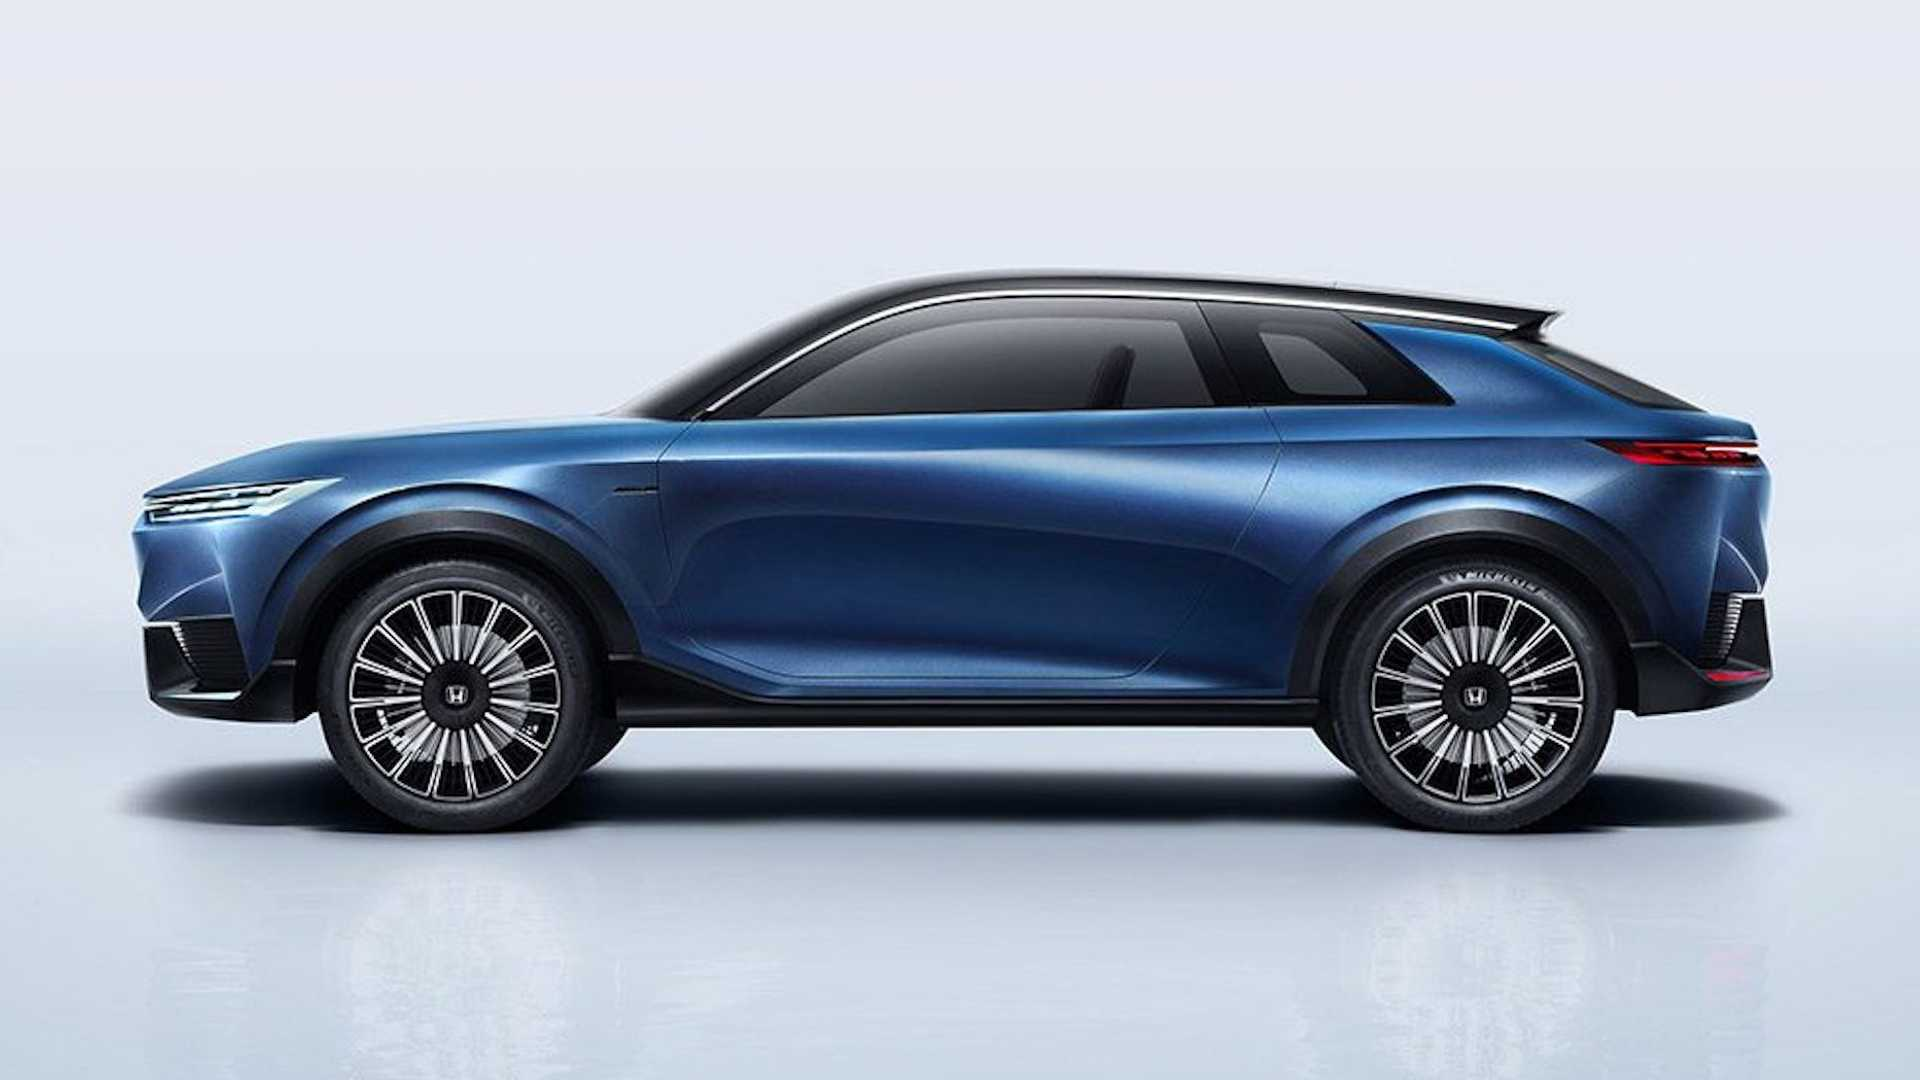 Honda SUV e:concept